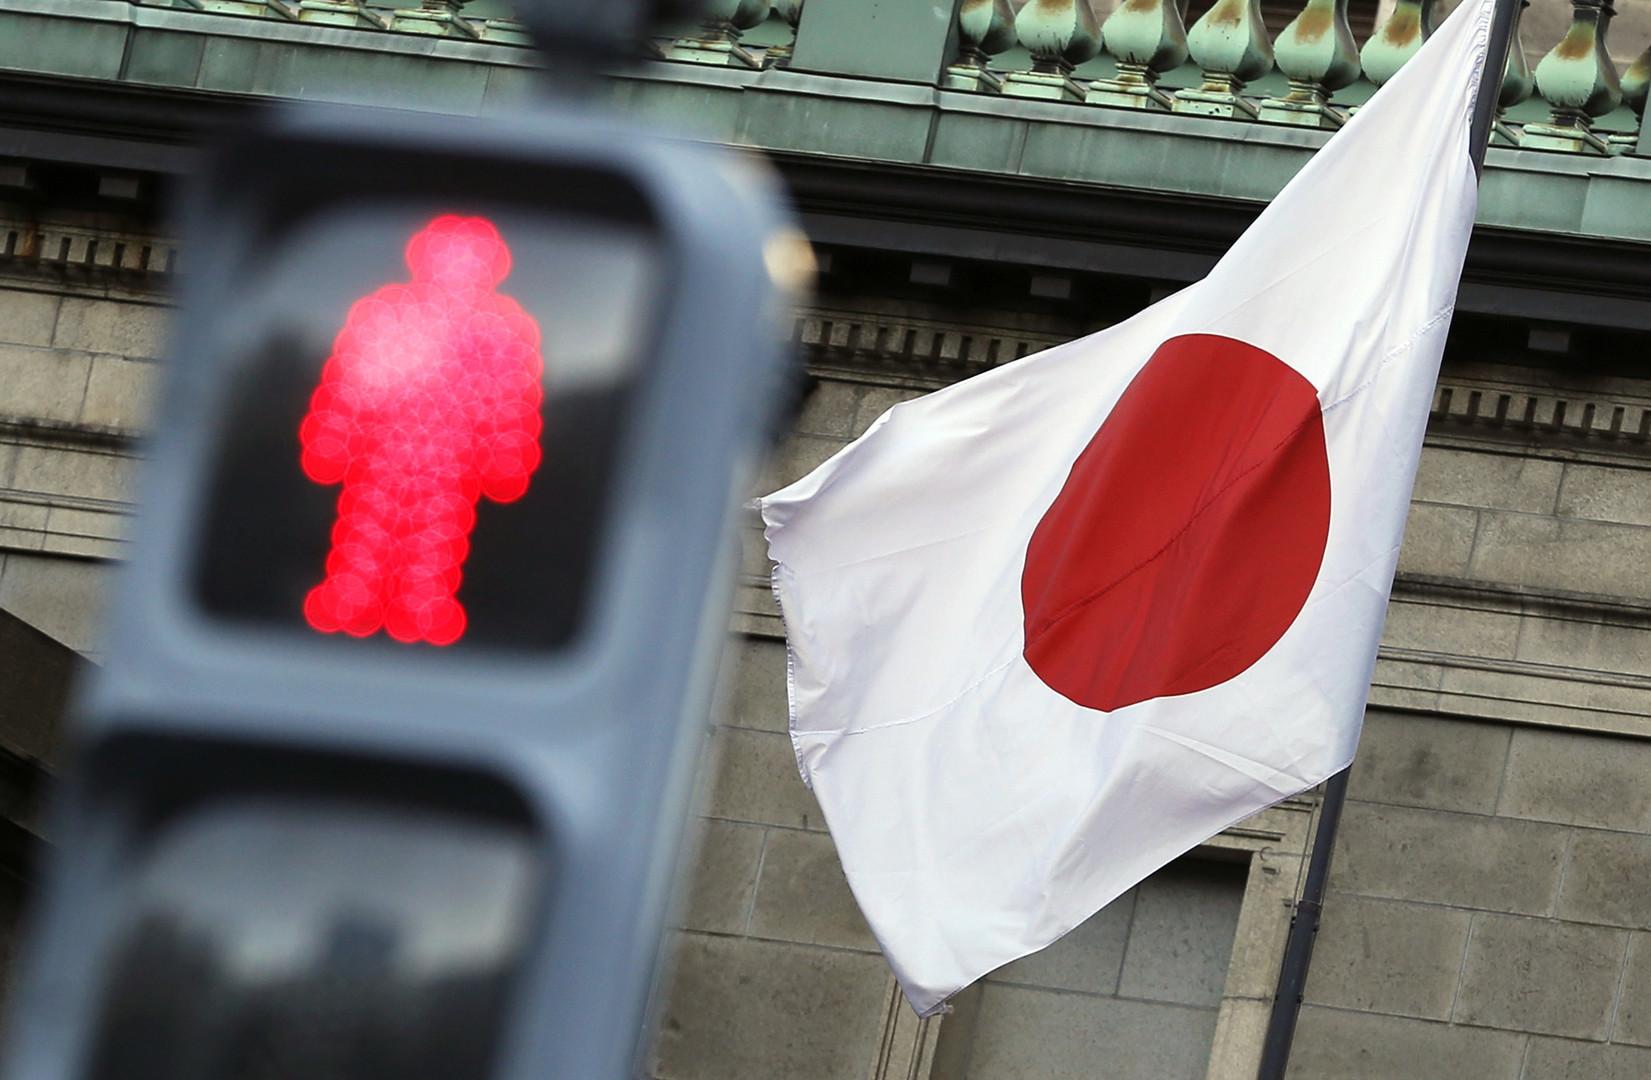 «Новый подход» Японии к отношениям с Россией: чего ожидать от встречи Путина и Абэ